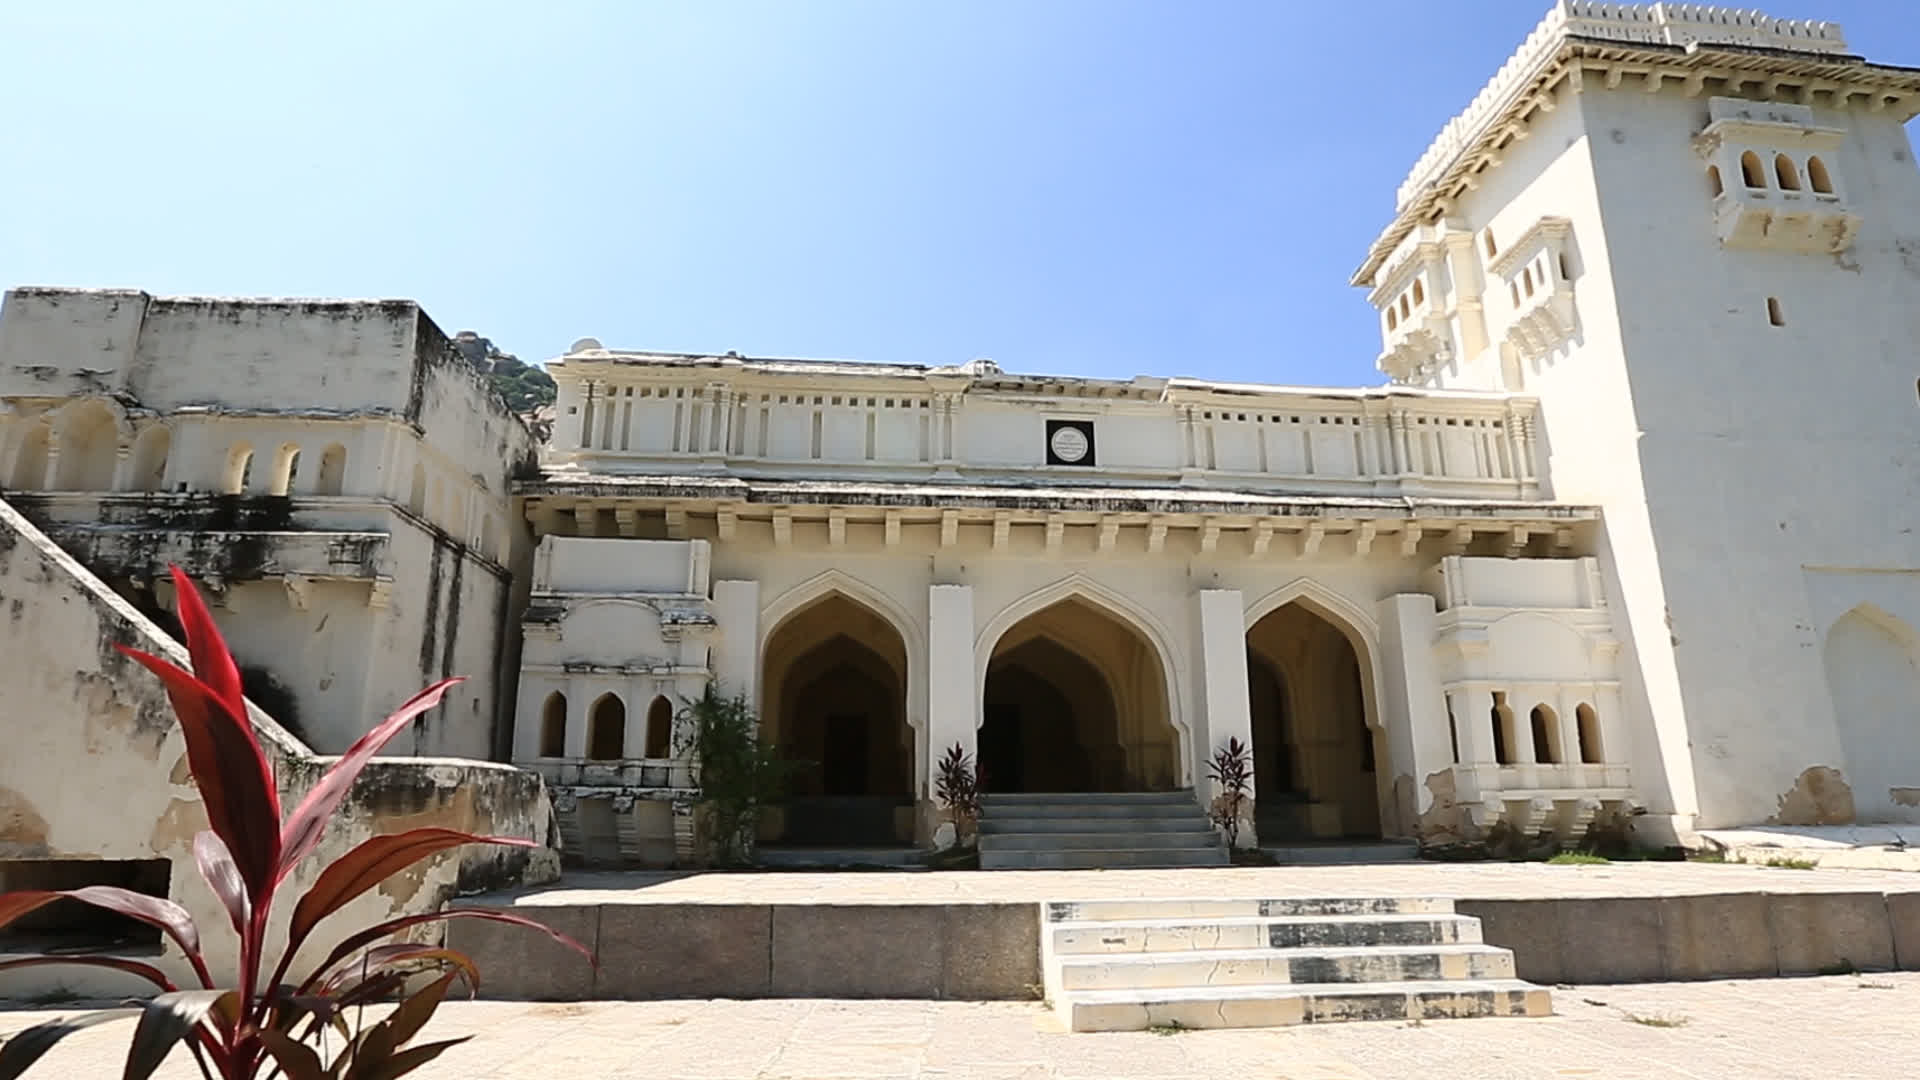 The Gagan Mahal Palace of Penukonda